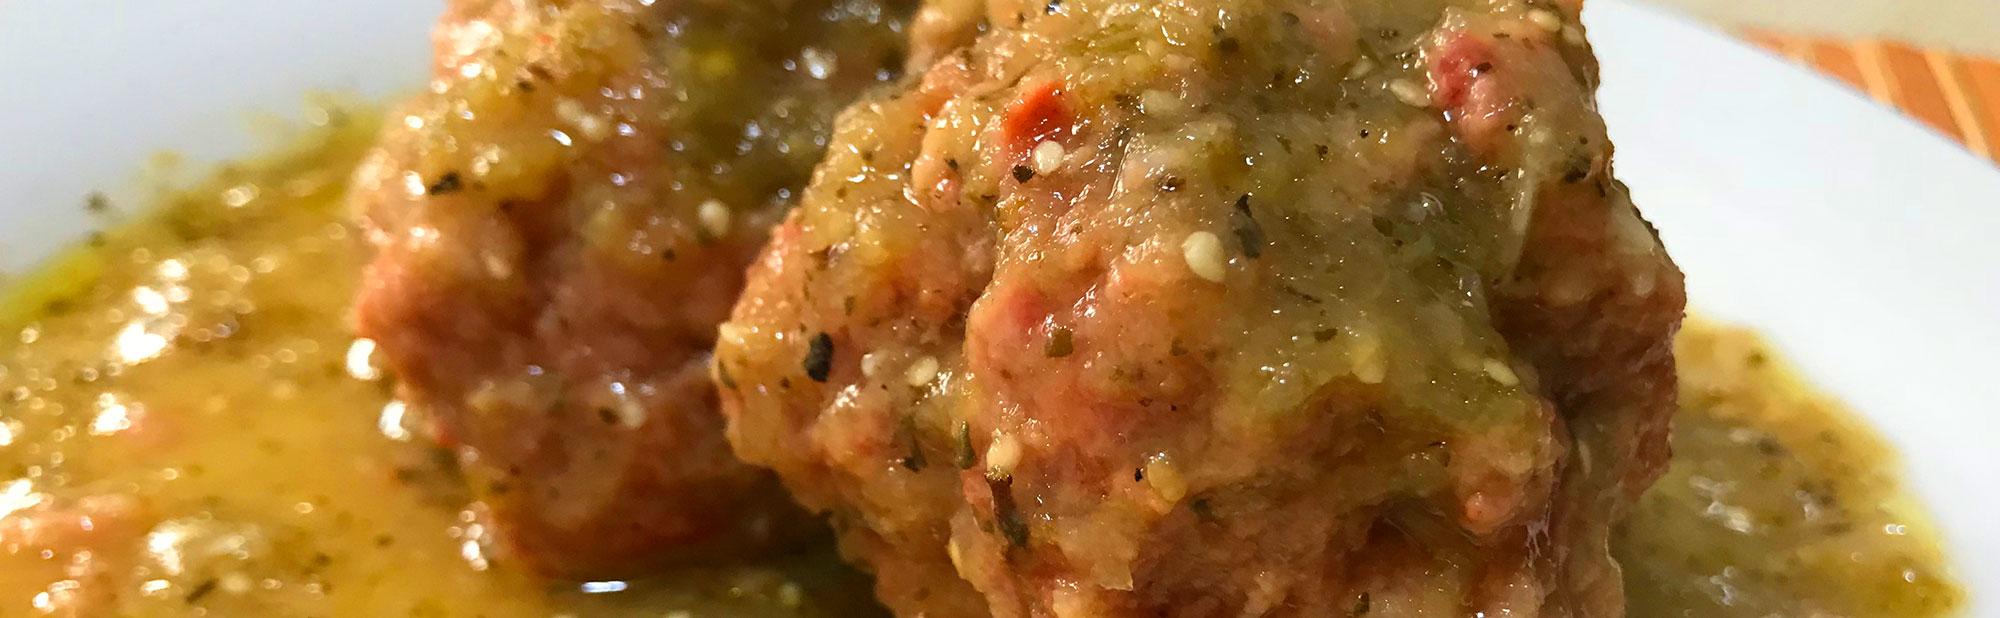 La Antojadera | Albondigas Entomatadas con Habanero